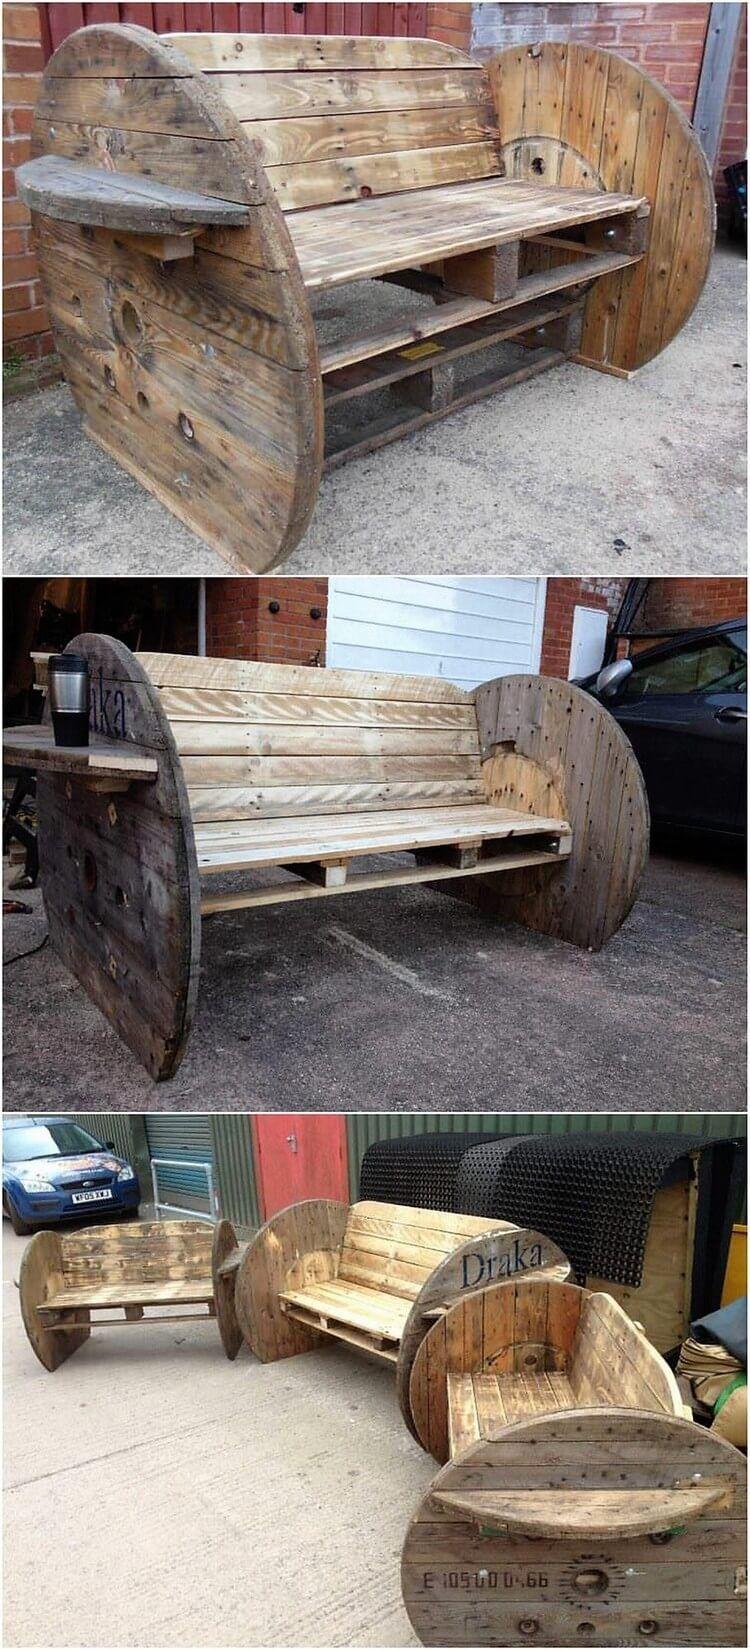 Useable Wood Pallets Recycling Ideas | Kabeltrommel, Bänke und ...